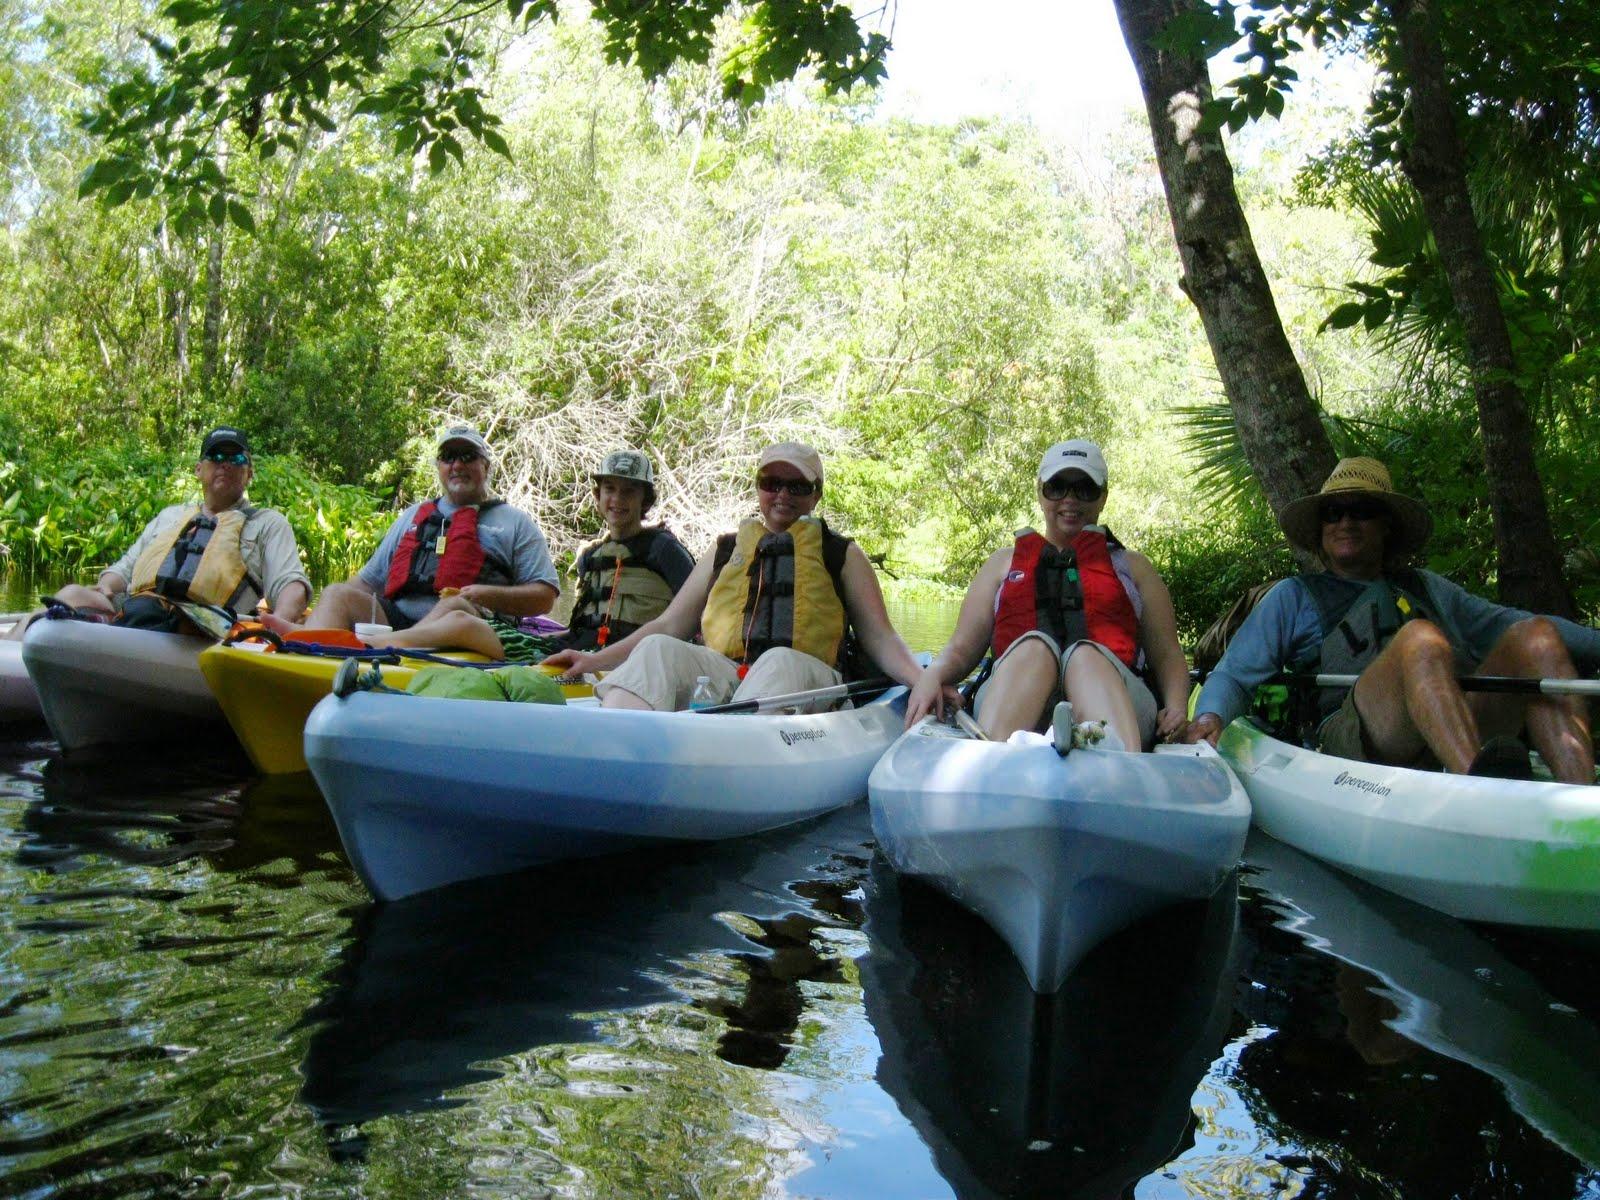 Wekiva River Monkeys Day on The Wekiva River